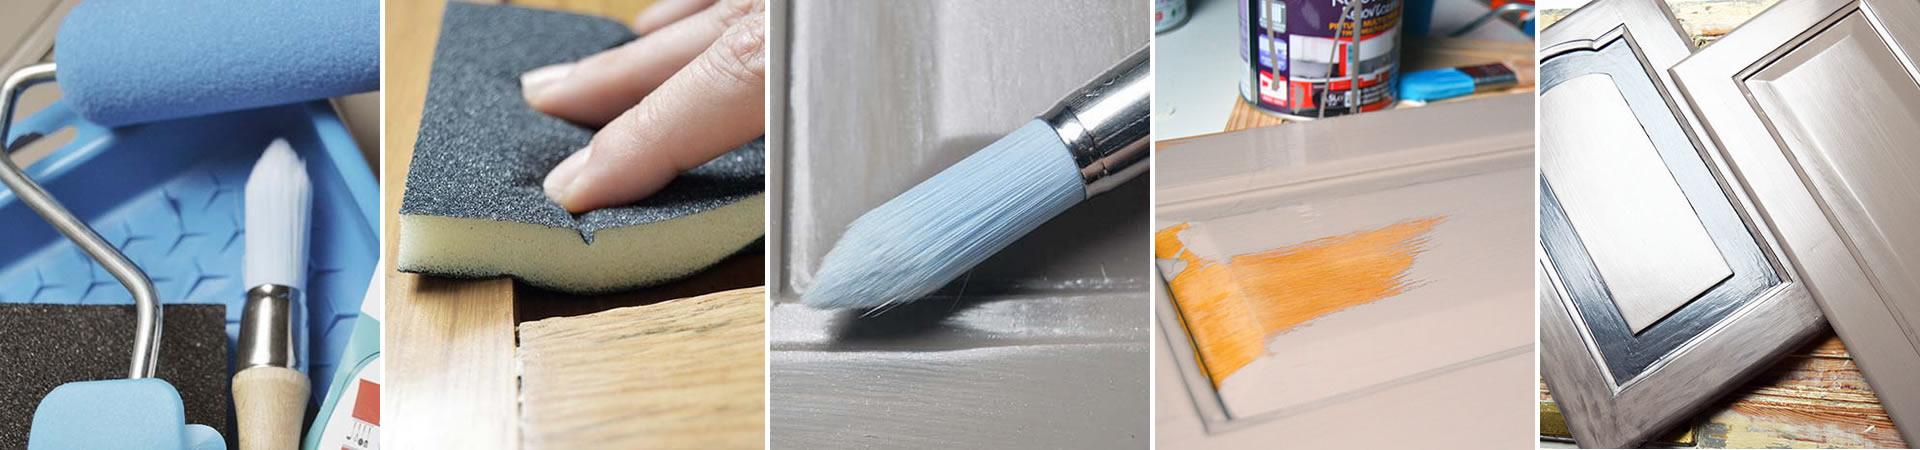 Consejos renovar la cocina con renov cocina y las - Renovar muebles cocina ...